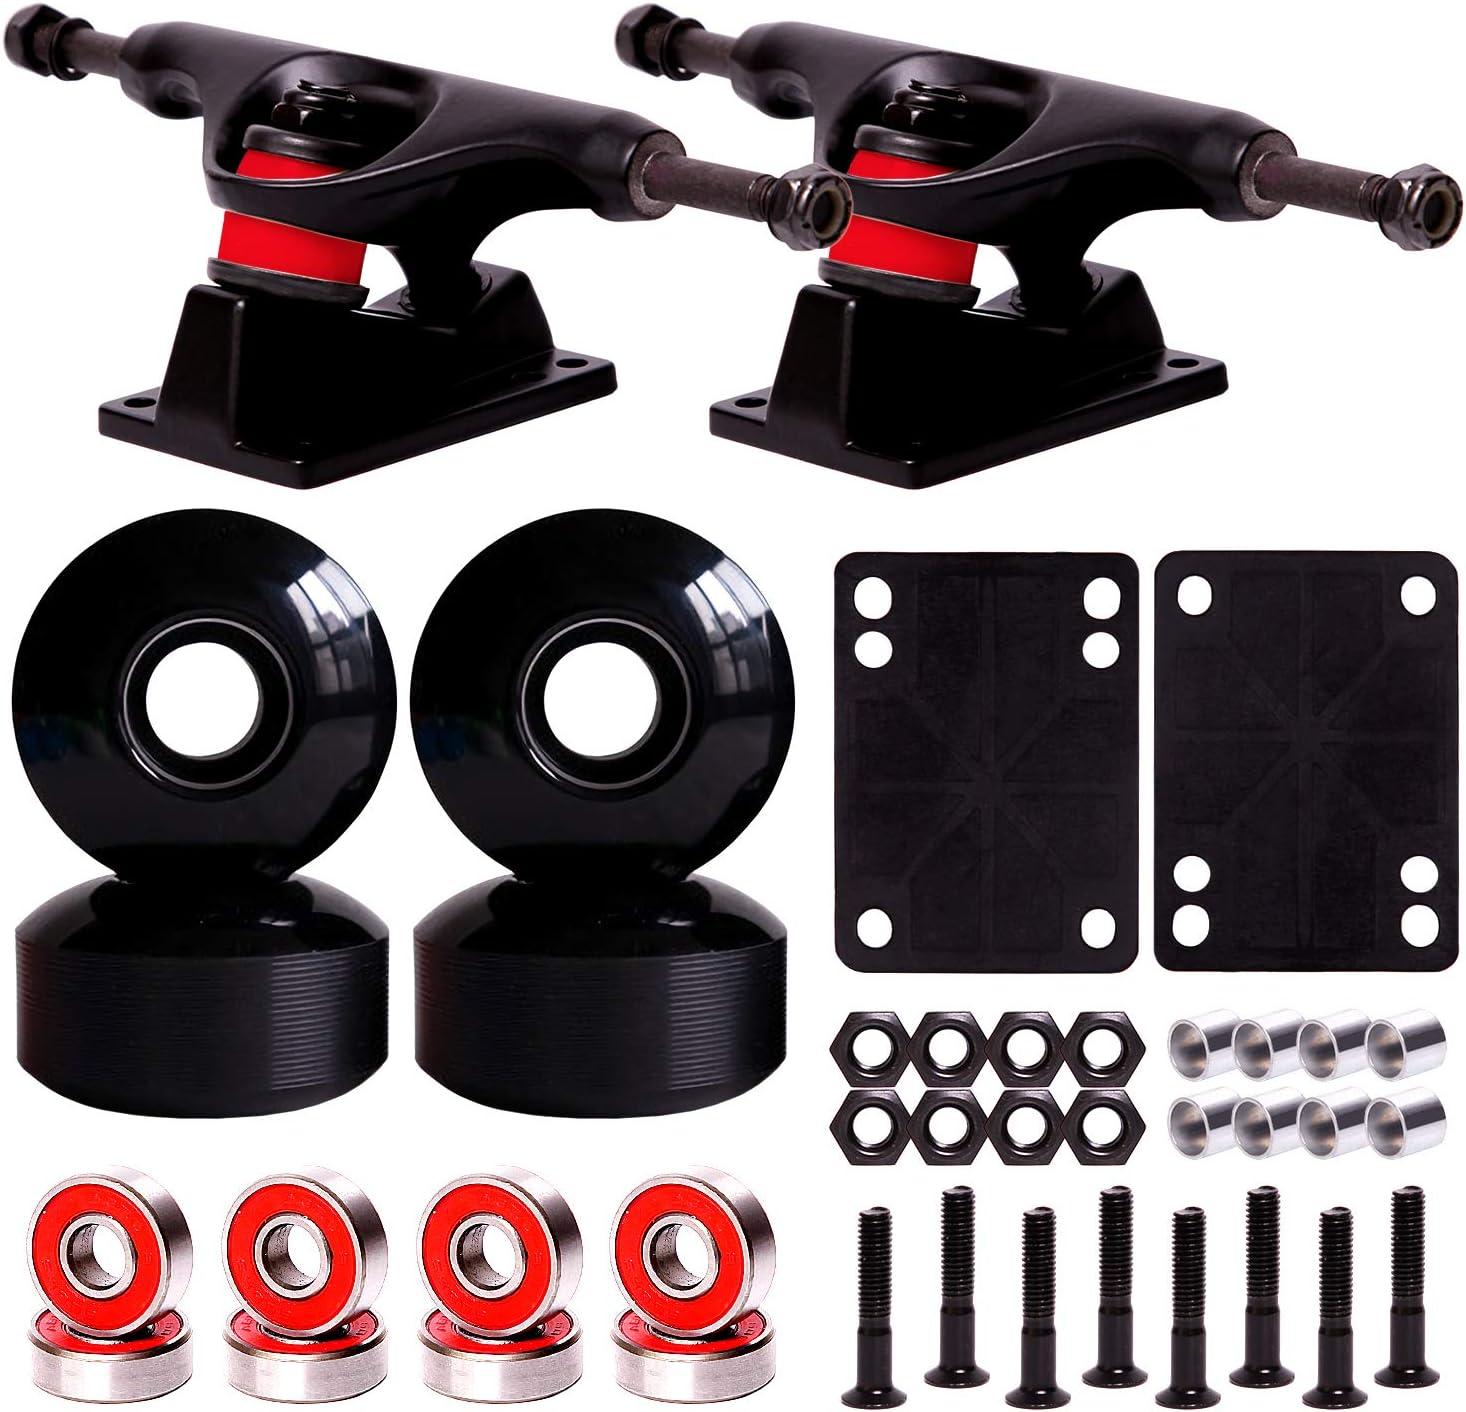 LOSENKA Skateboard Wheels Set,Include Skateboard Trucks Skateboard Wheels 52mm Skateboard Bearings Skateboard Pads Skateboard Hardware 1